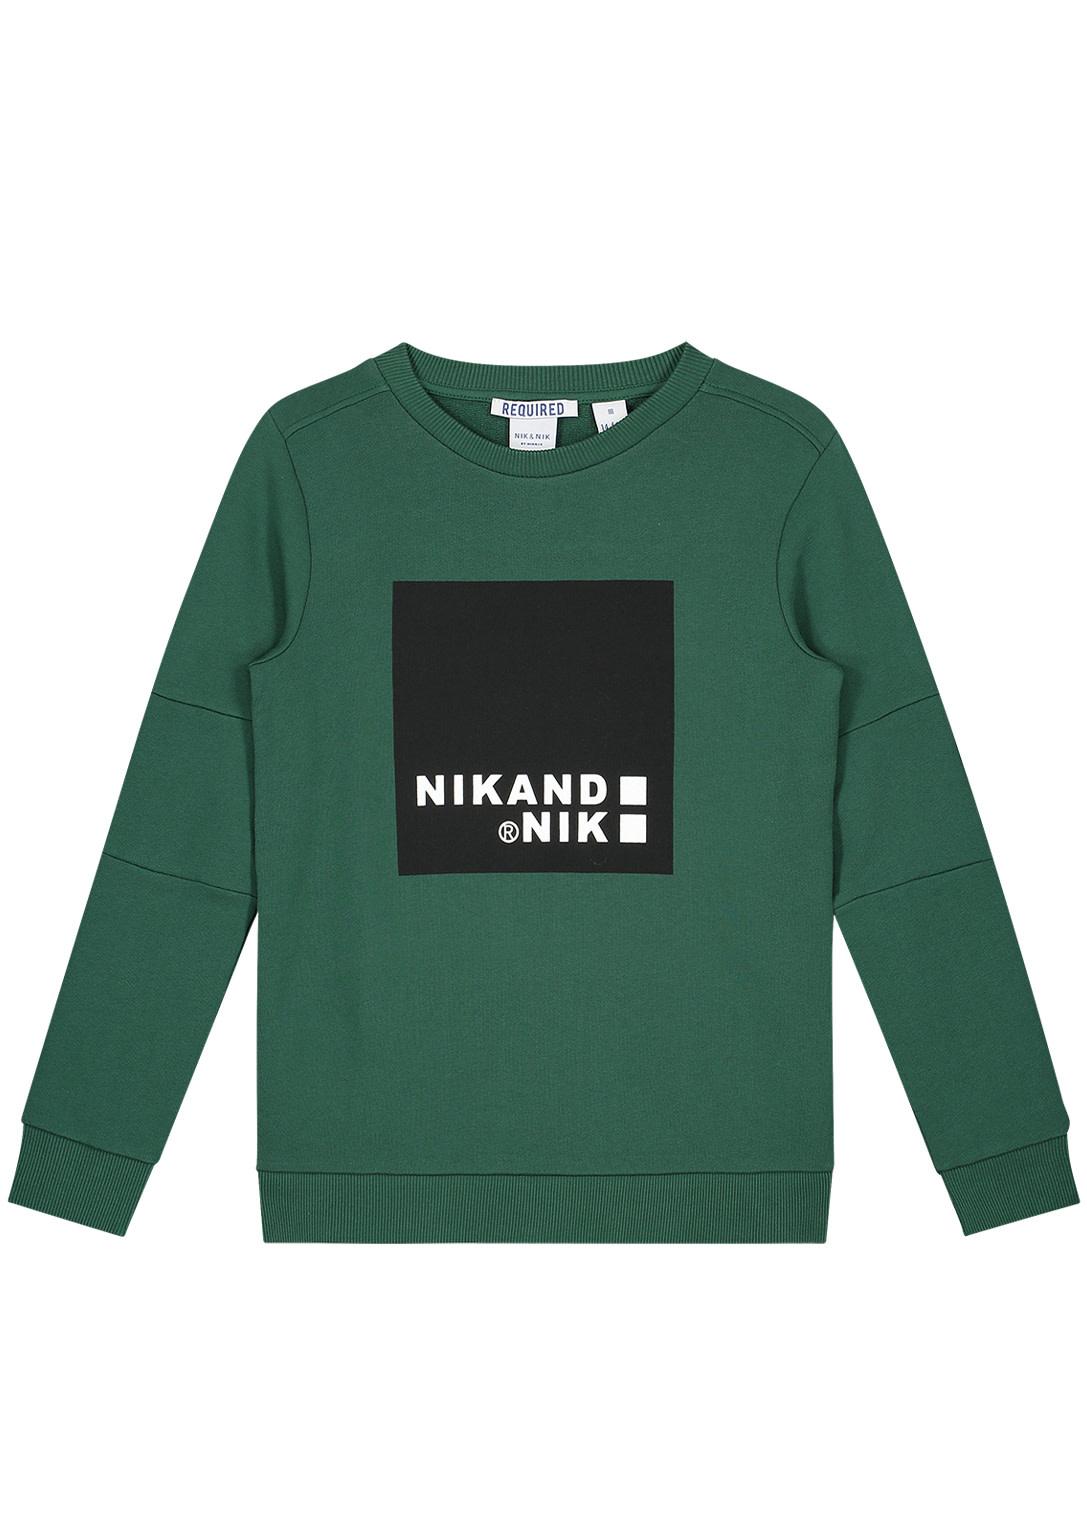 Nik & Nik Addy Sweater